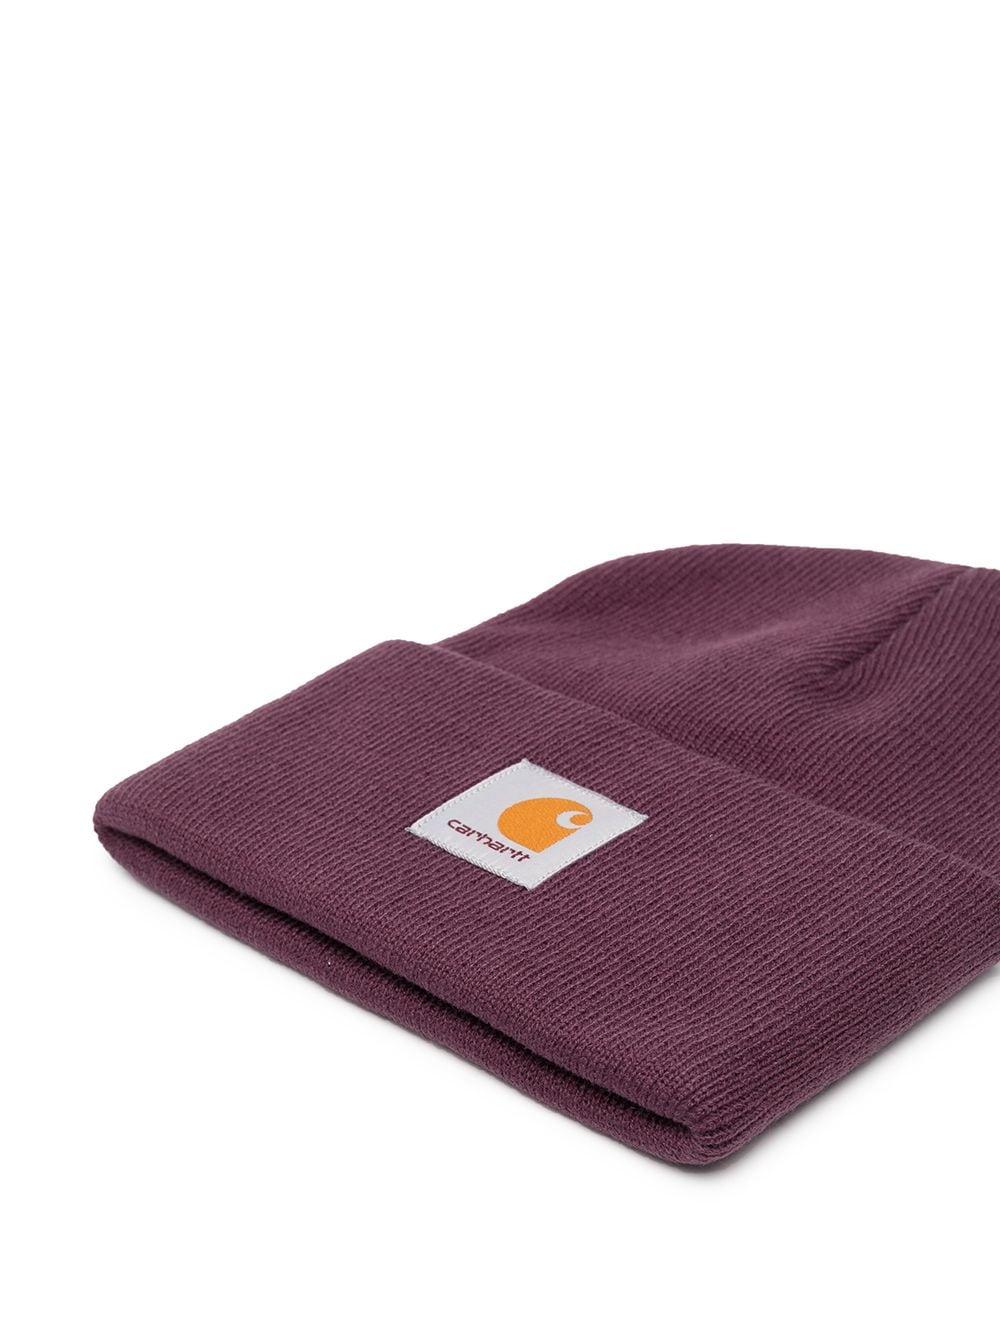 cappello con logo uomo bordeaux CARHARTT WIP   Cappelli   I0202220E8.00